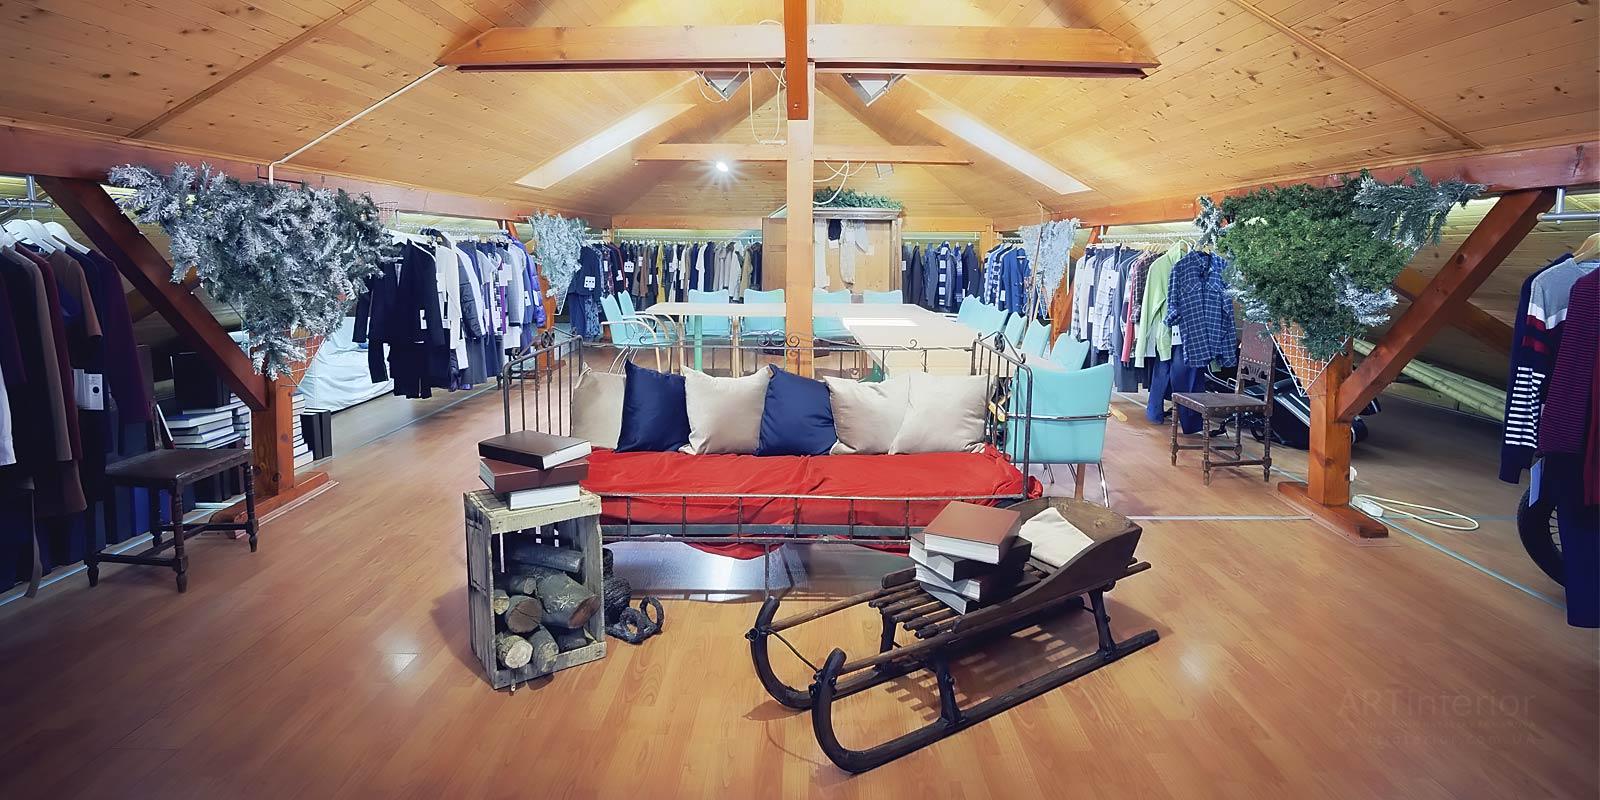 шоу-рум модной одежды | Дизайн и стиль интерьера квартиры, дома, офиса от «Artinterior», Киев, artinterior.com.ua